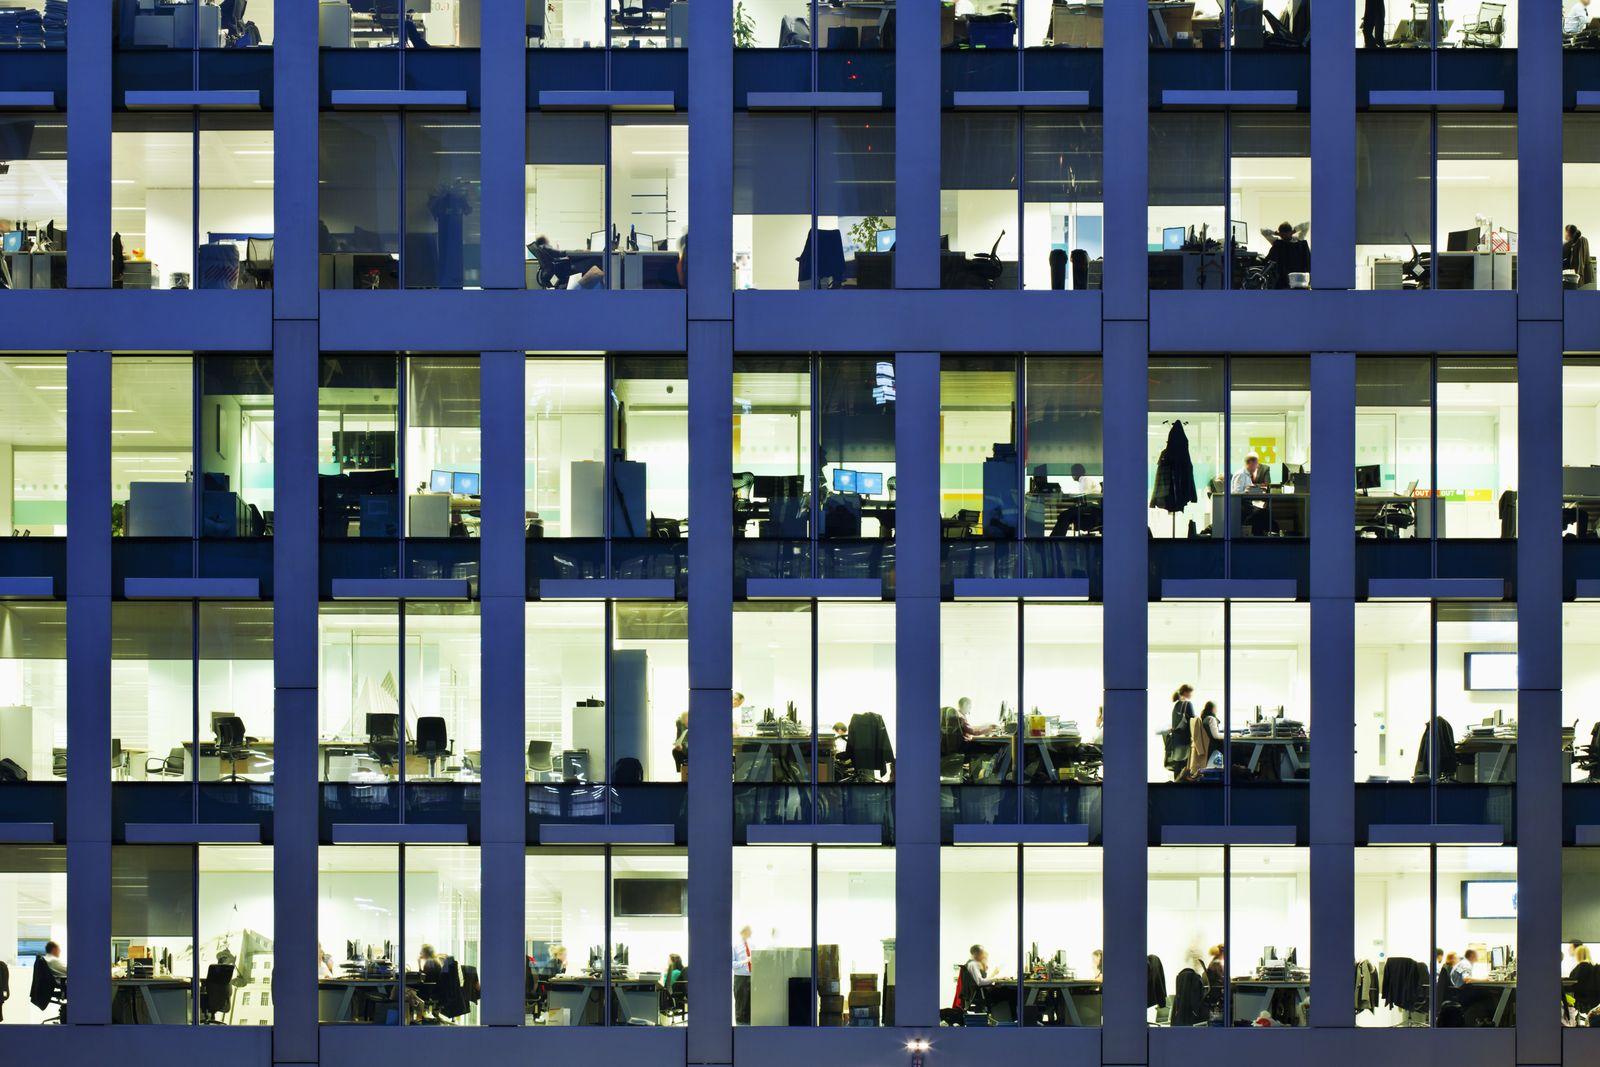 NICHT MEHR VERWENDEN! - Büro / Fenster / Bürofenster / Gebäude